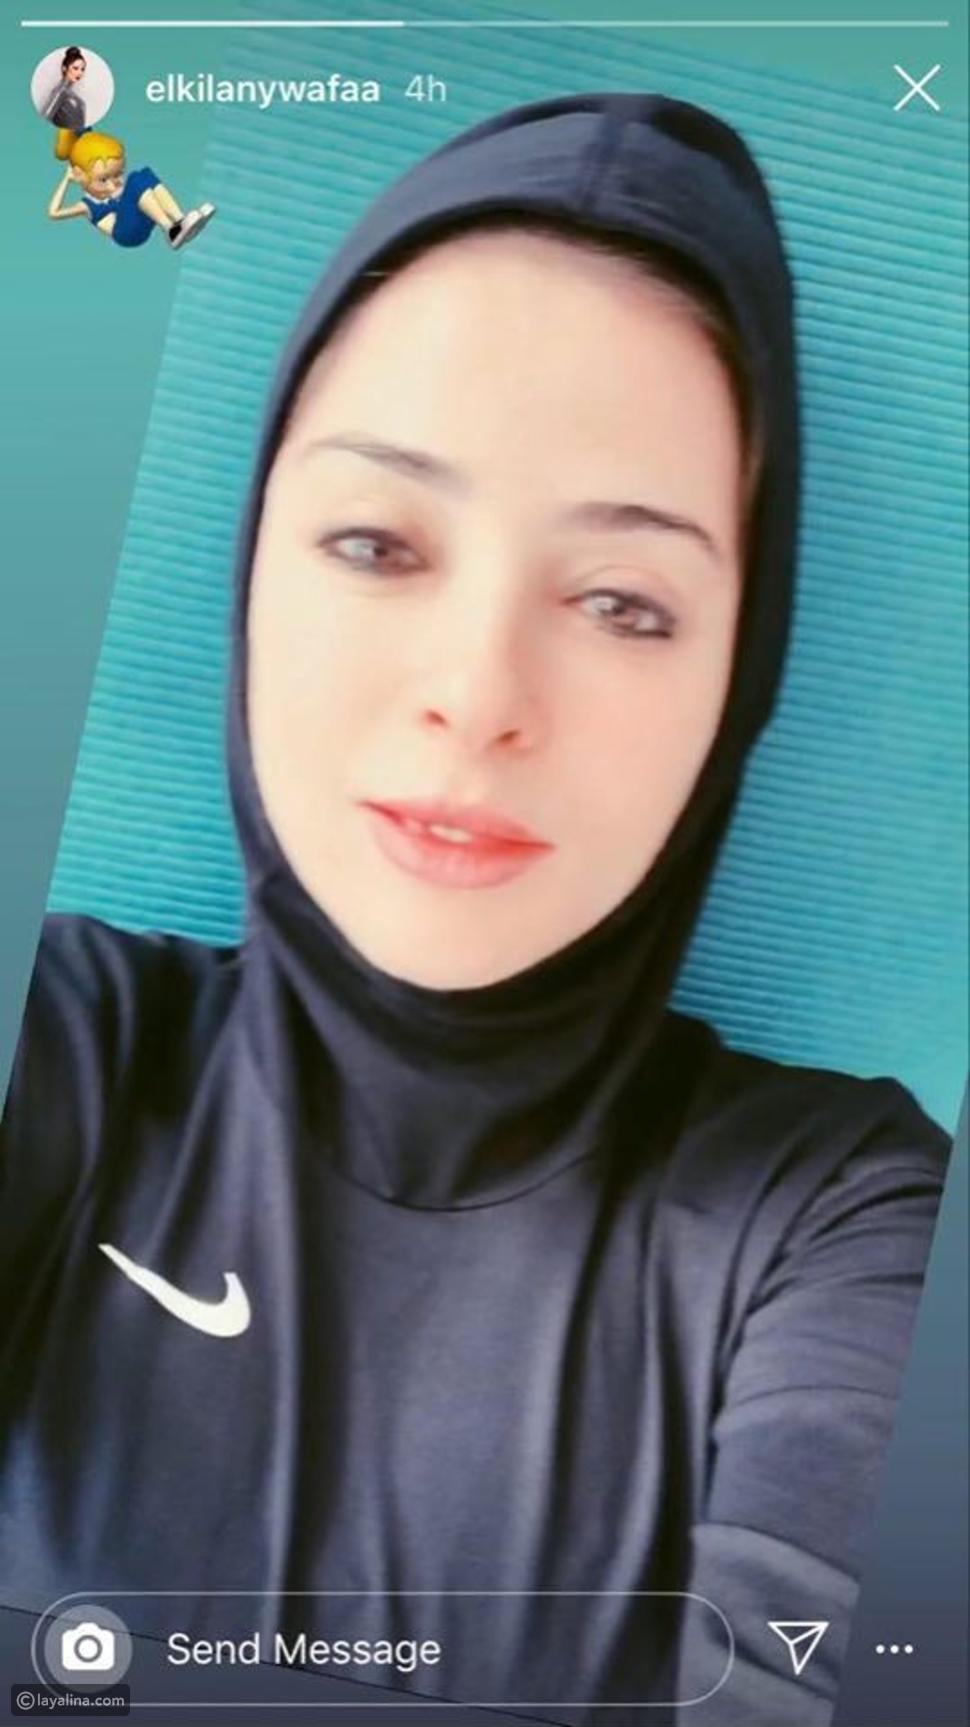 وفاء الكيلاني بالحجاب وبدون مكياج